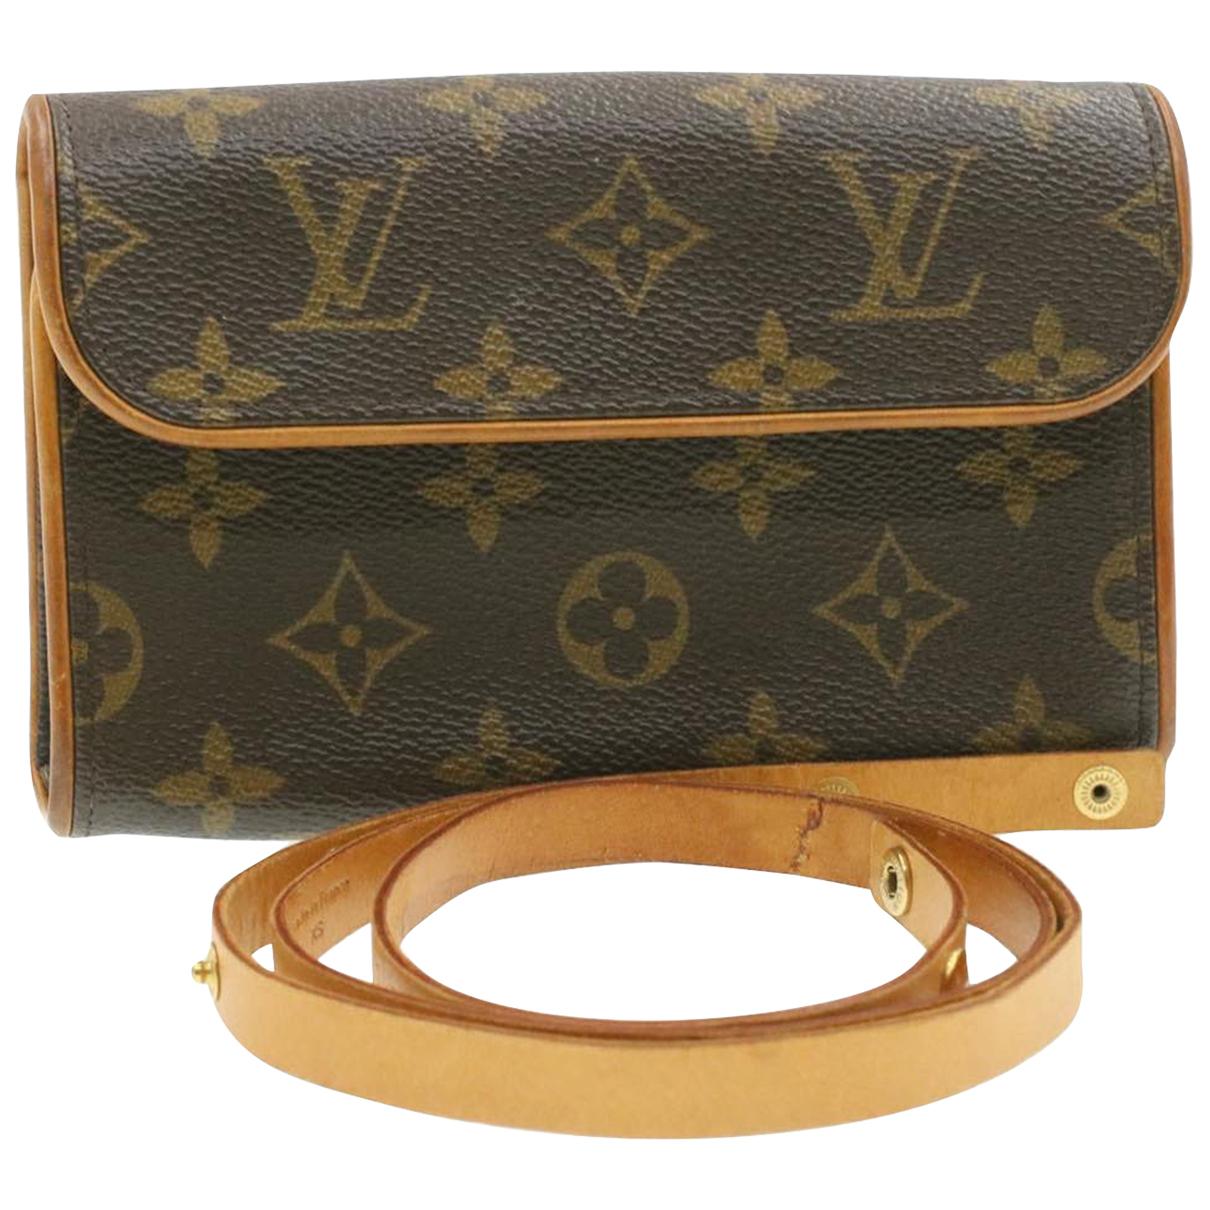 Pochette Florentine de Lona Louis Vuitton